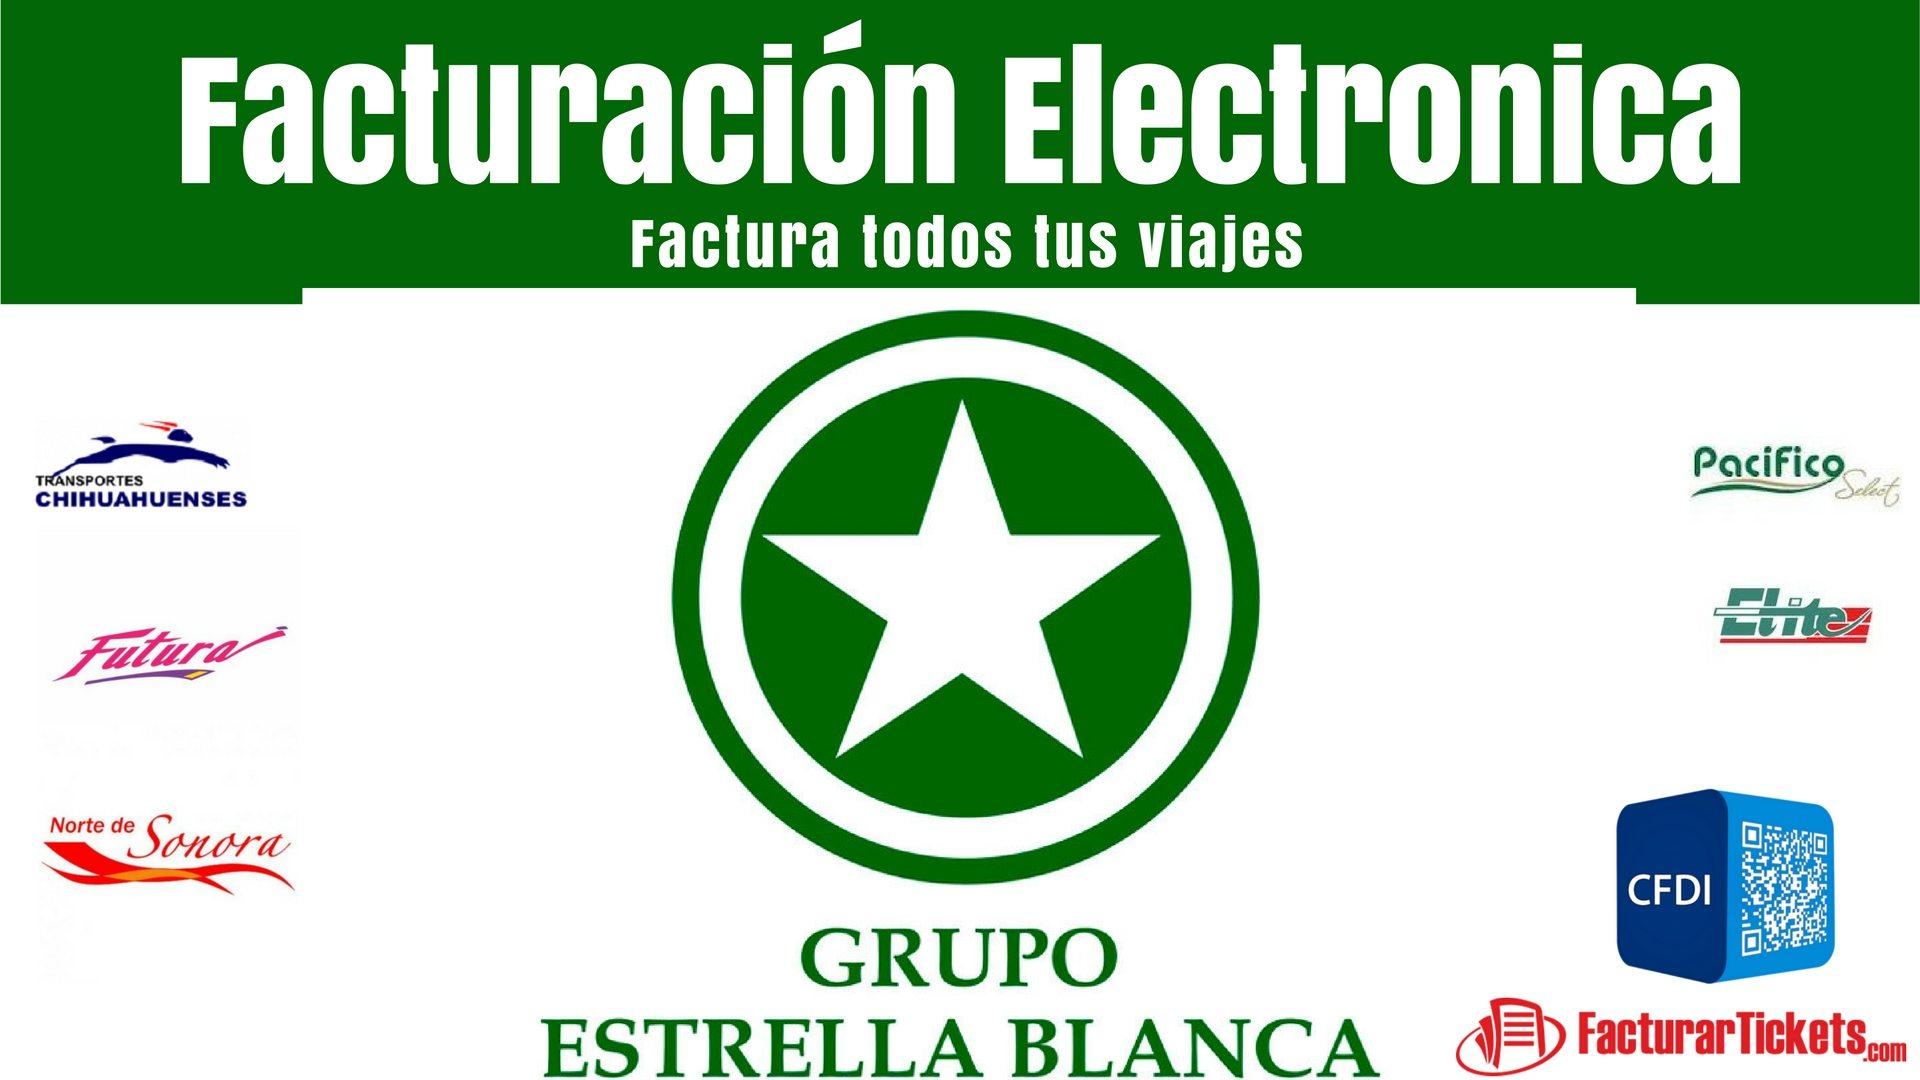 facturacion electronica estrella blanca